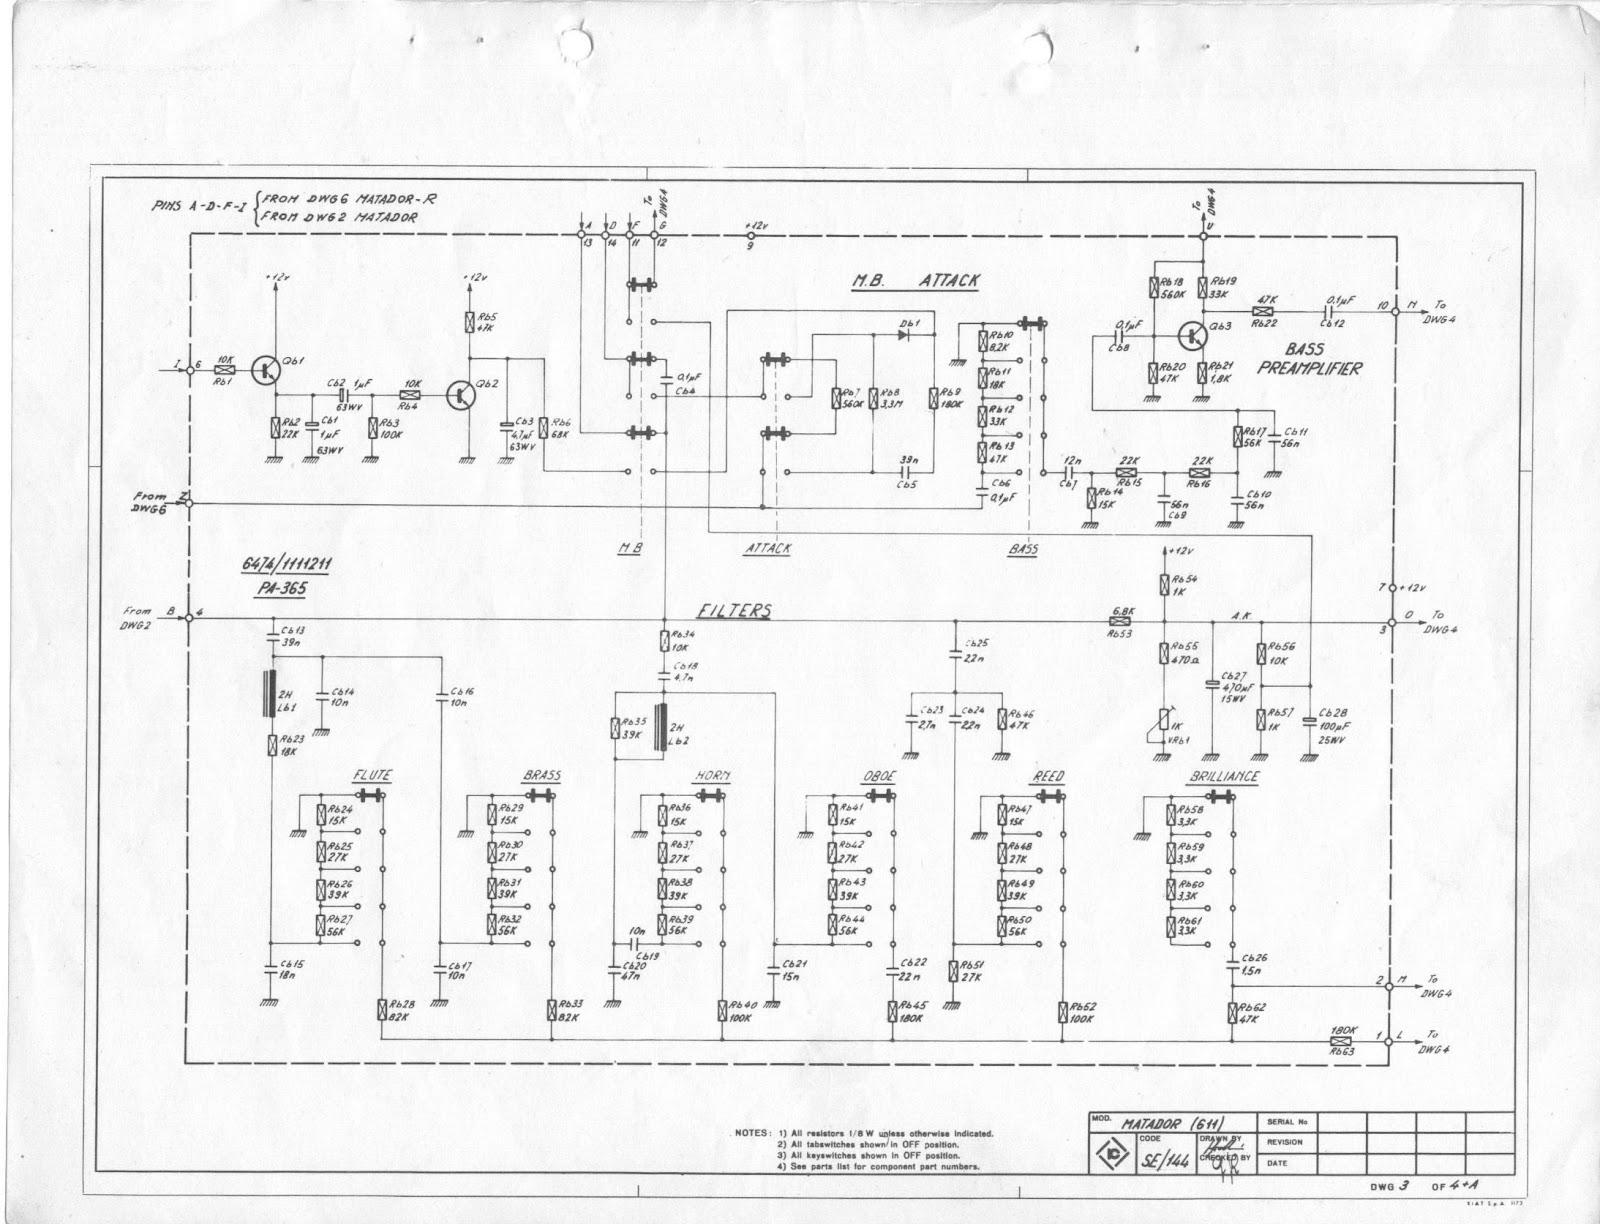 Schemi Elettrici Amplificatori Audio Con N : Schemi elettrici amplificatori audio con n elettronica